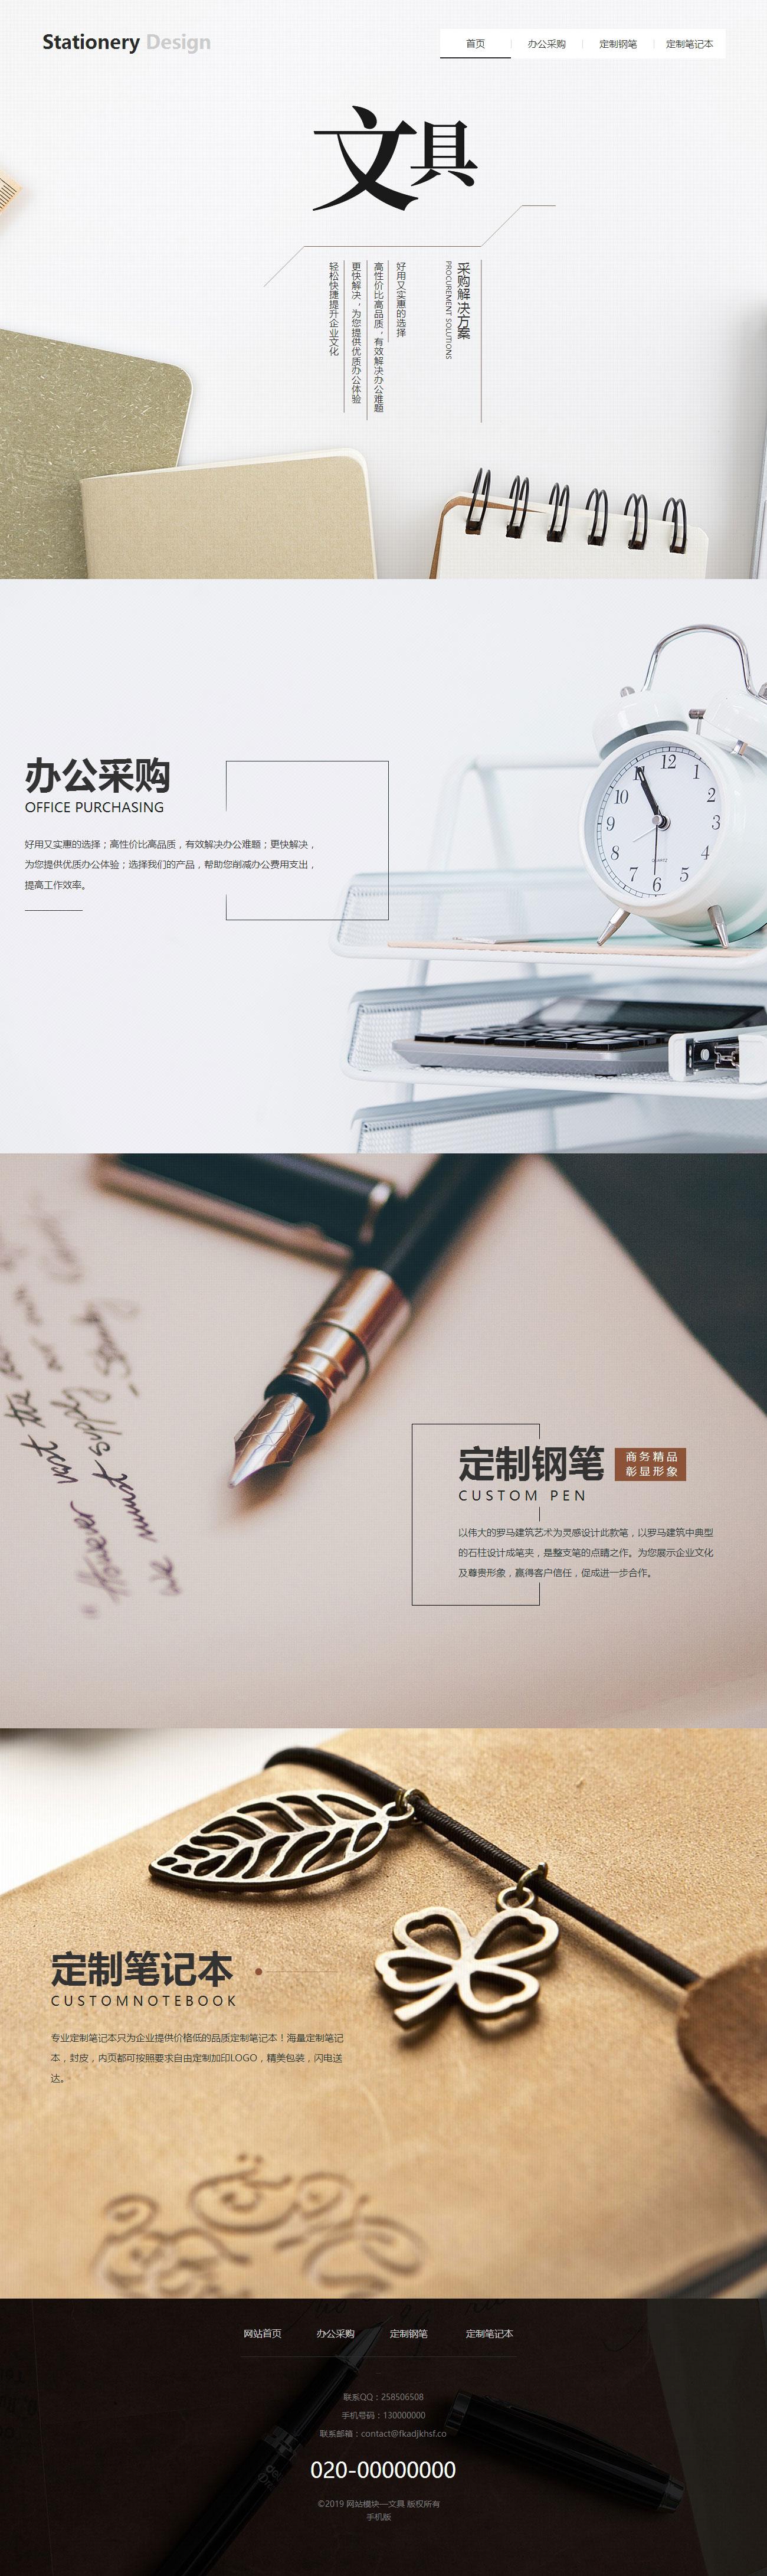 文具生产、定制、批发类官网建设精品模板